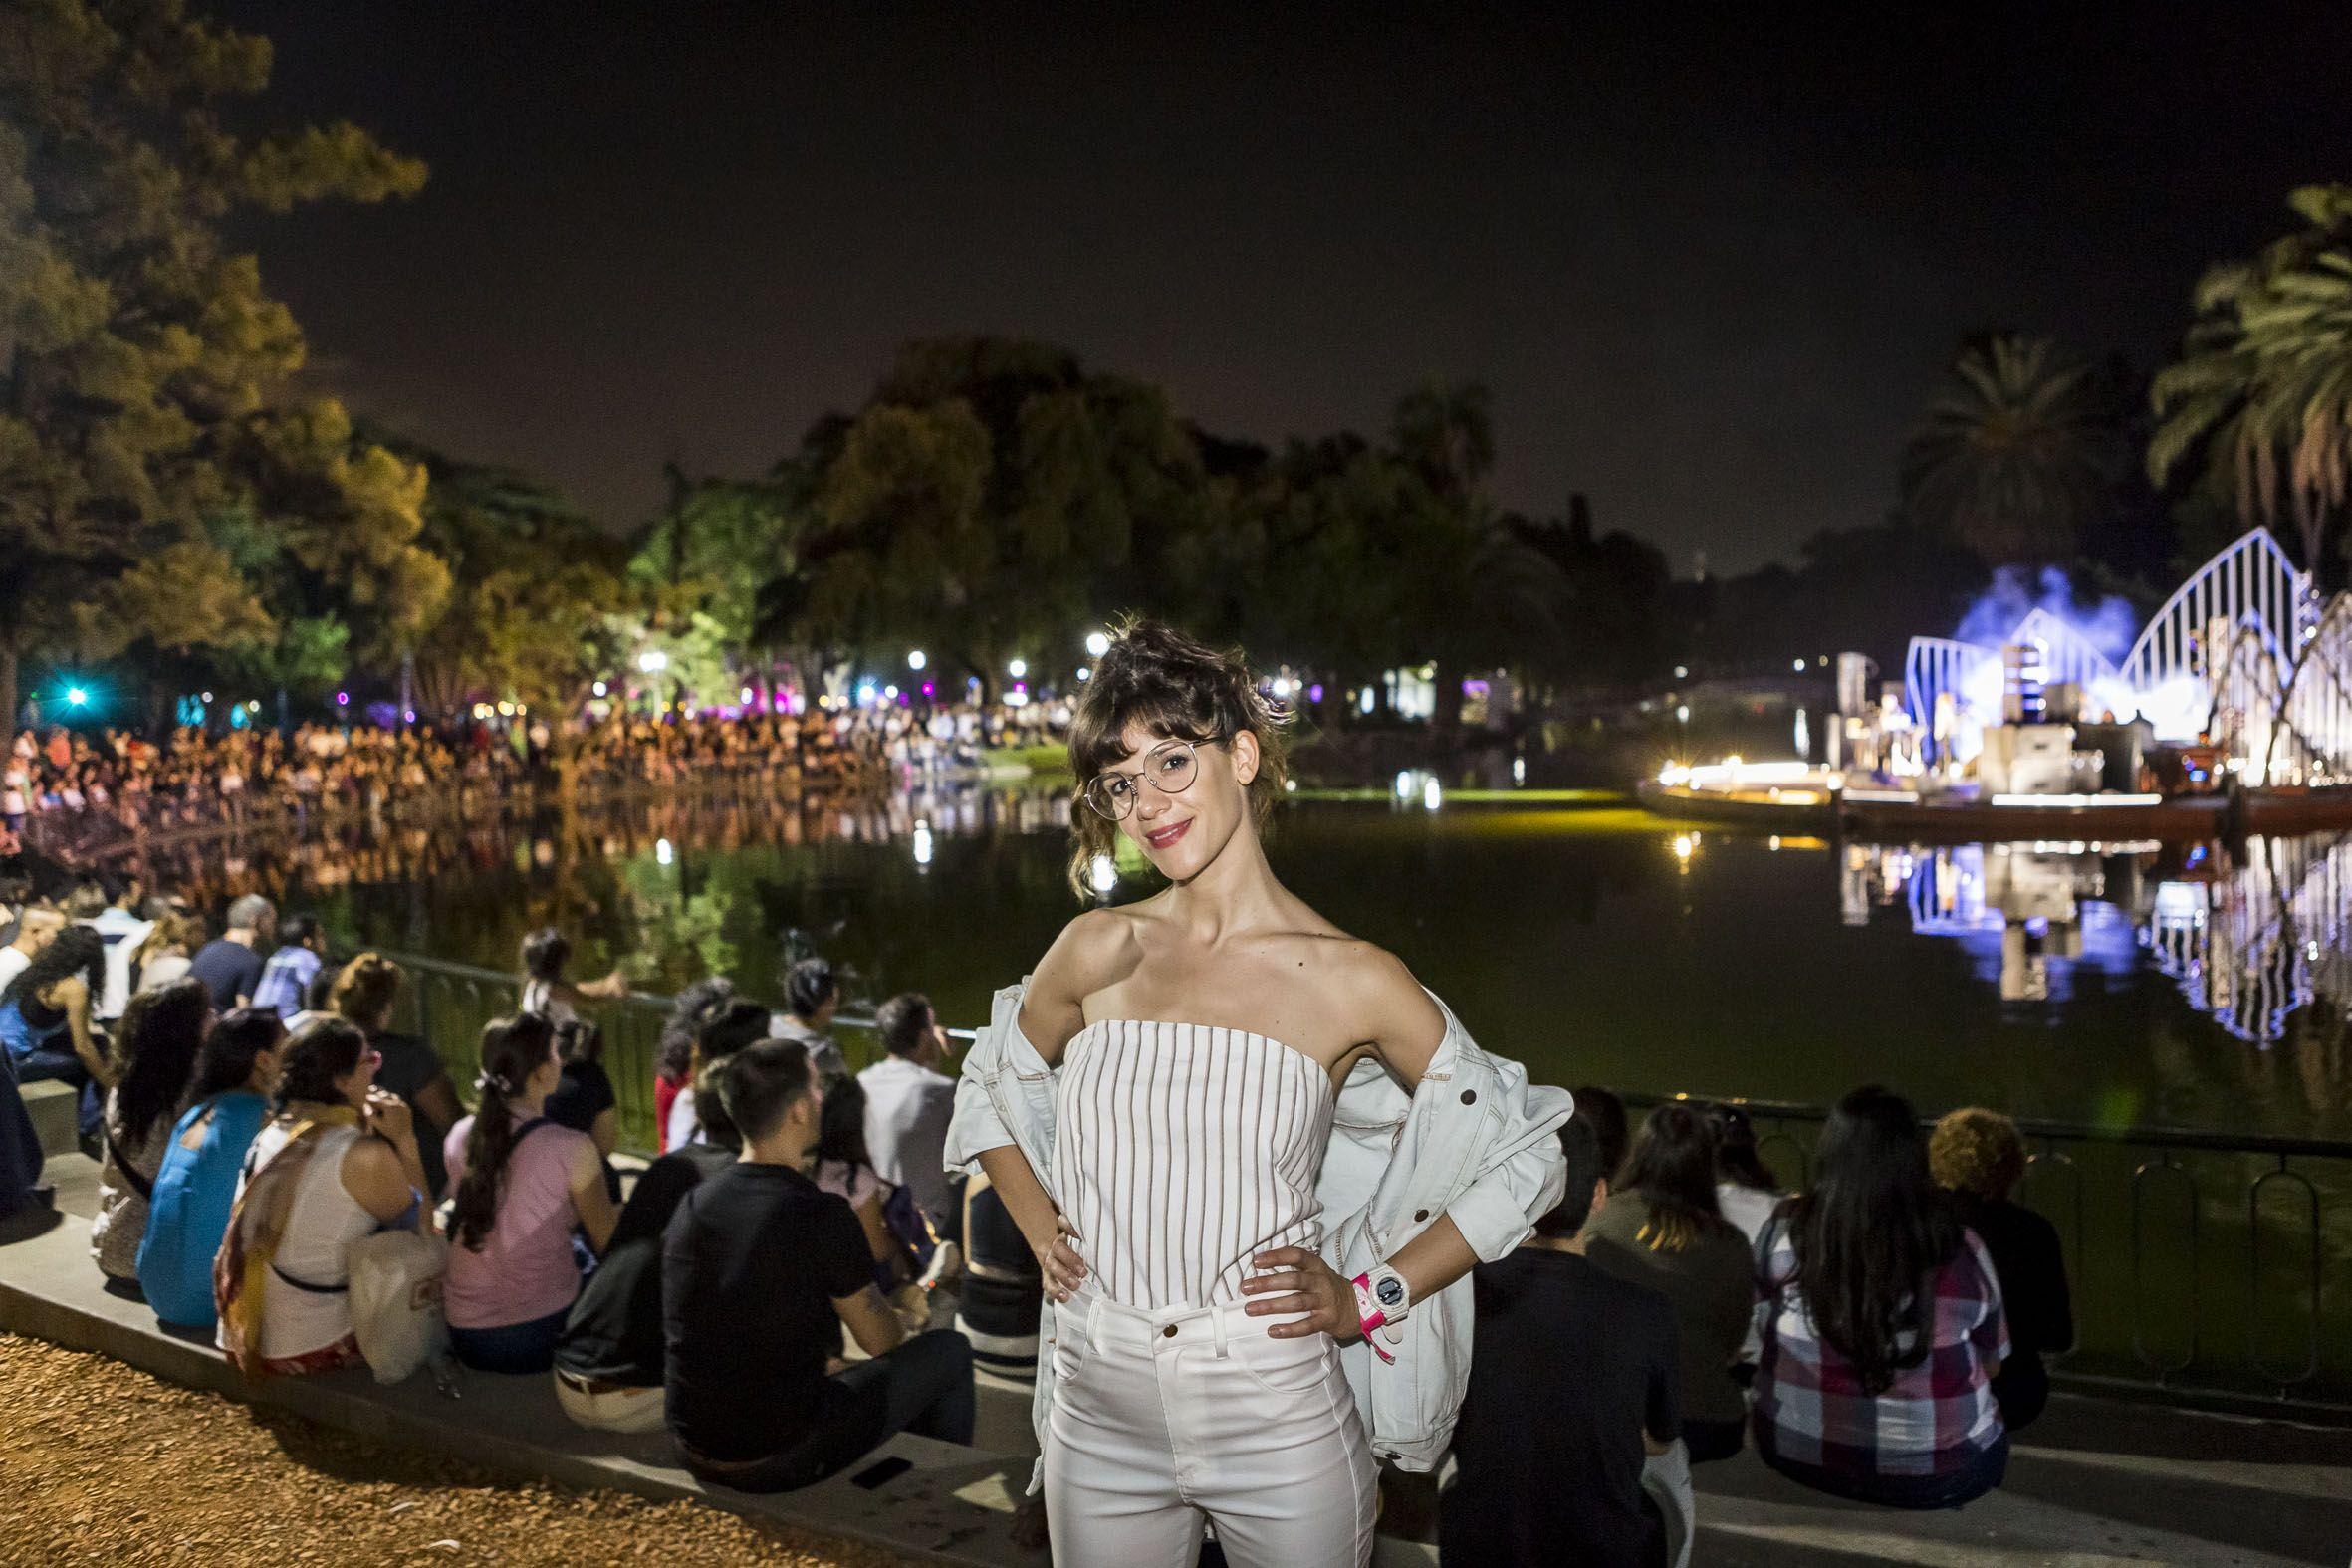 GALERÍA: Violeta Urtizberea y Julieta Nair Calvo, brillaron en La Noche de los Jardines